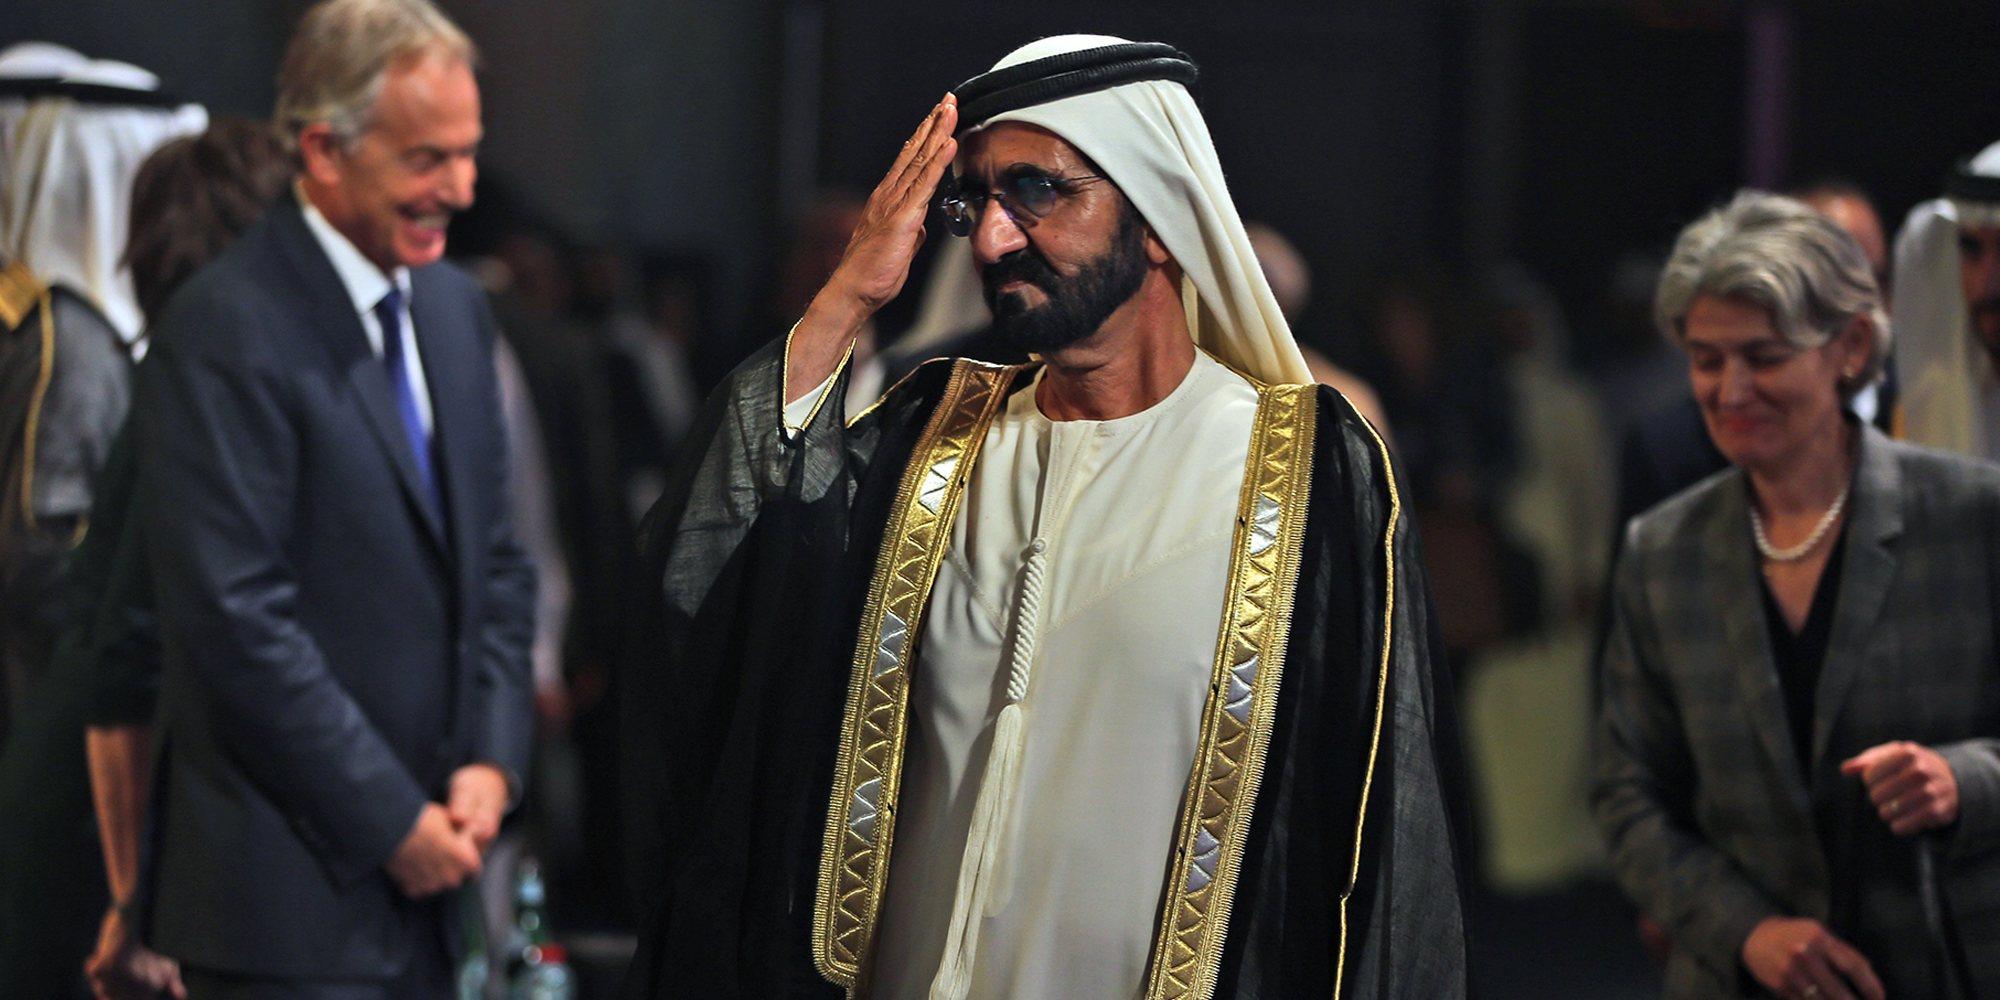 El Emir de Dubai, condenado: torturó y secuestró a sus hijas y amenazó a Haya de Jordania